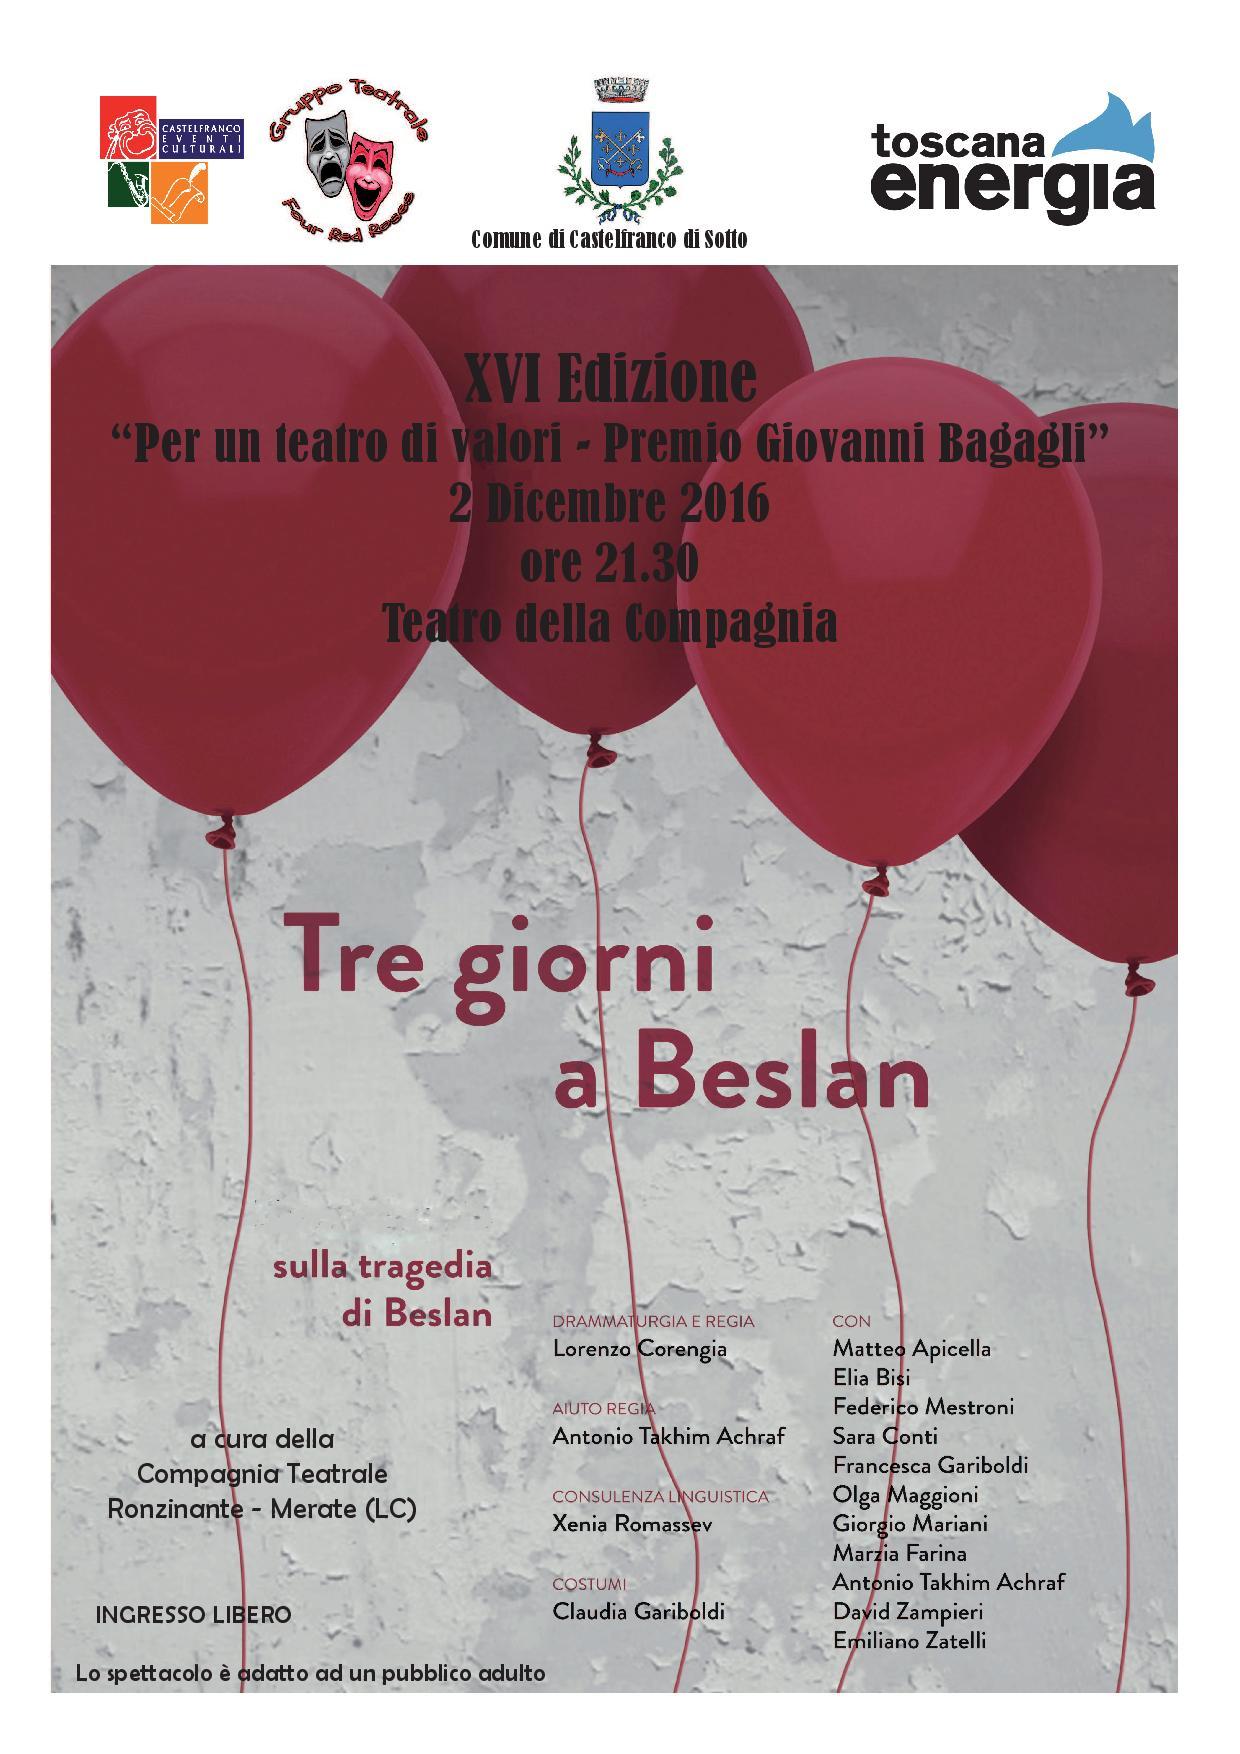 Per un teatro di valori - Premio Giovanni Bagagli - XVI Edizione